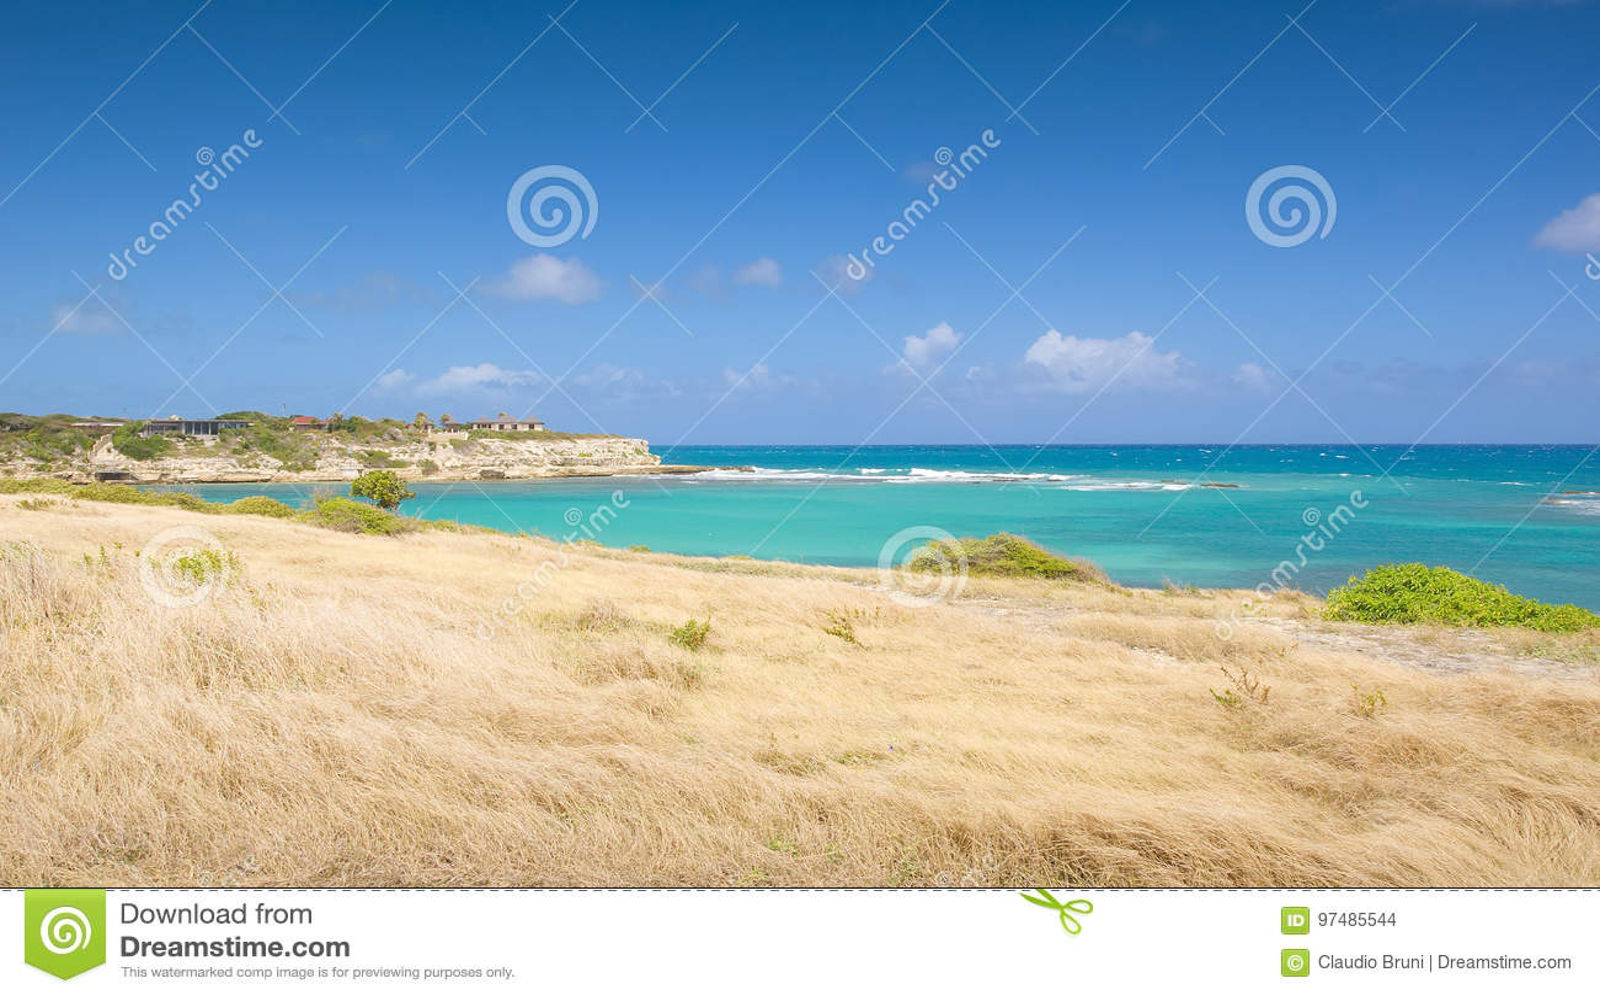 Baia del ponte del ` s del diavolo - Antigua e Barbuda marino caraibico